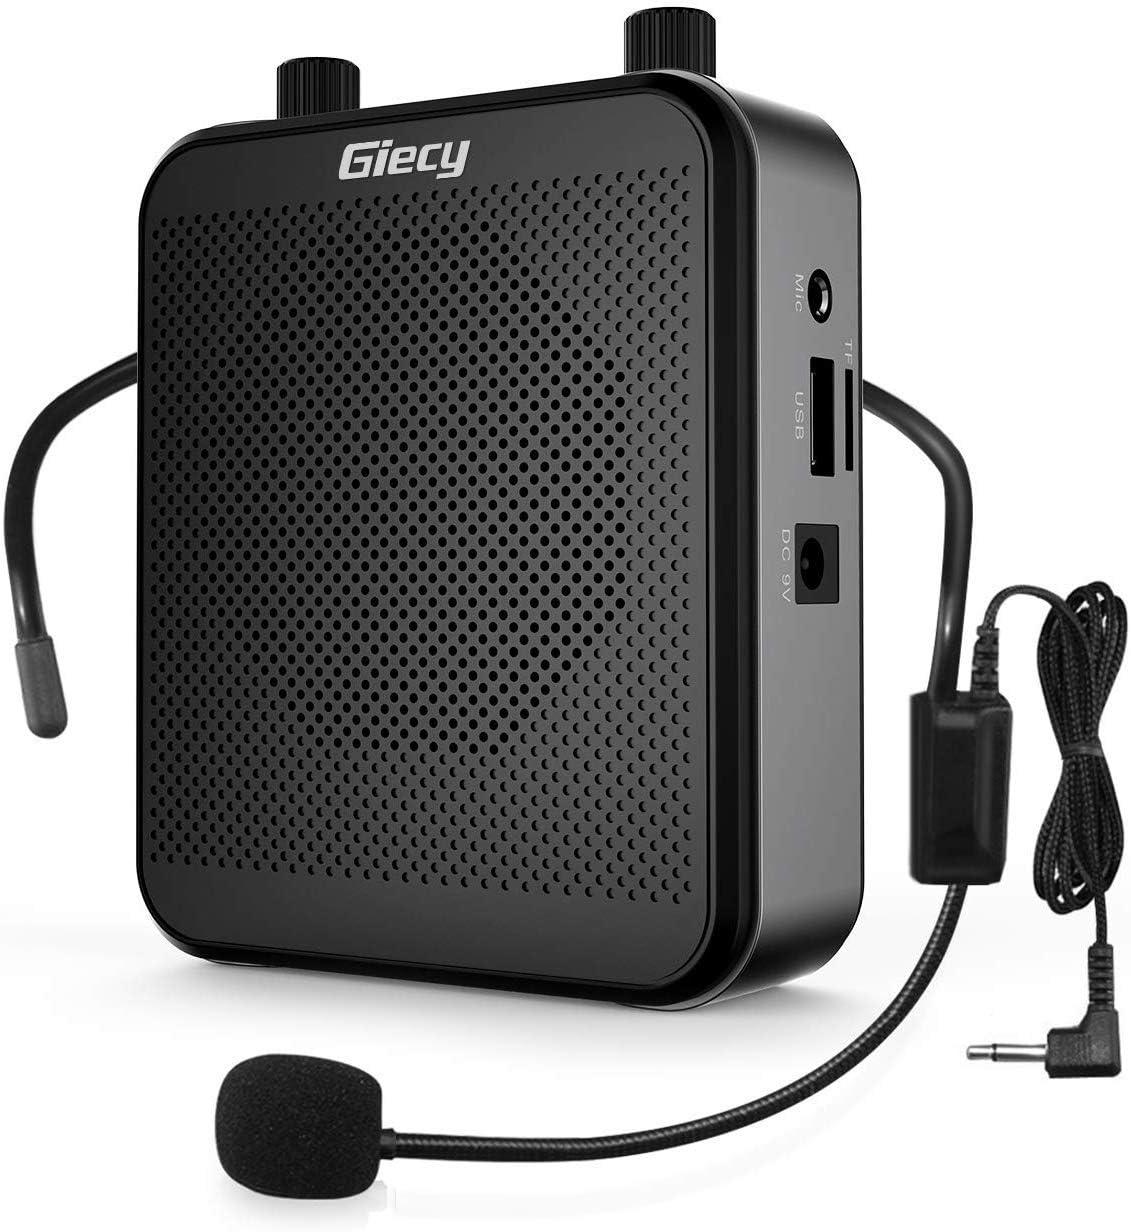 Giecy Amplificador de voz portátil con micrófono,30W batería recargable 2800mah, sistema de megafonía, amplificador voz ligero para profesores, guías turísticos, entrenadores deportivos, presentadore